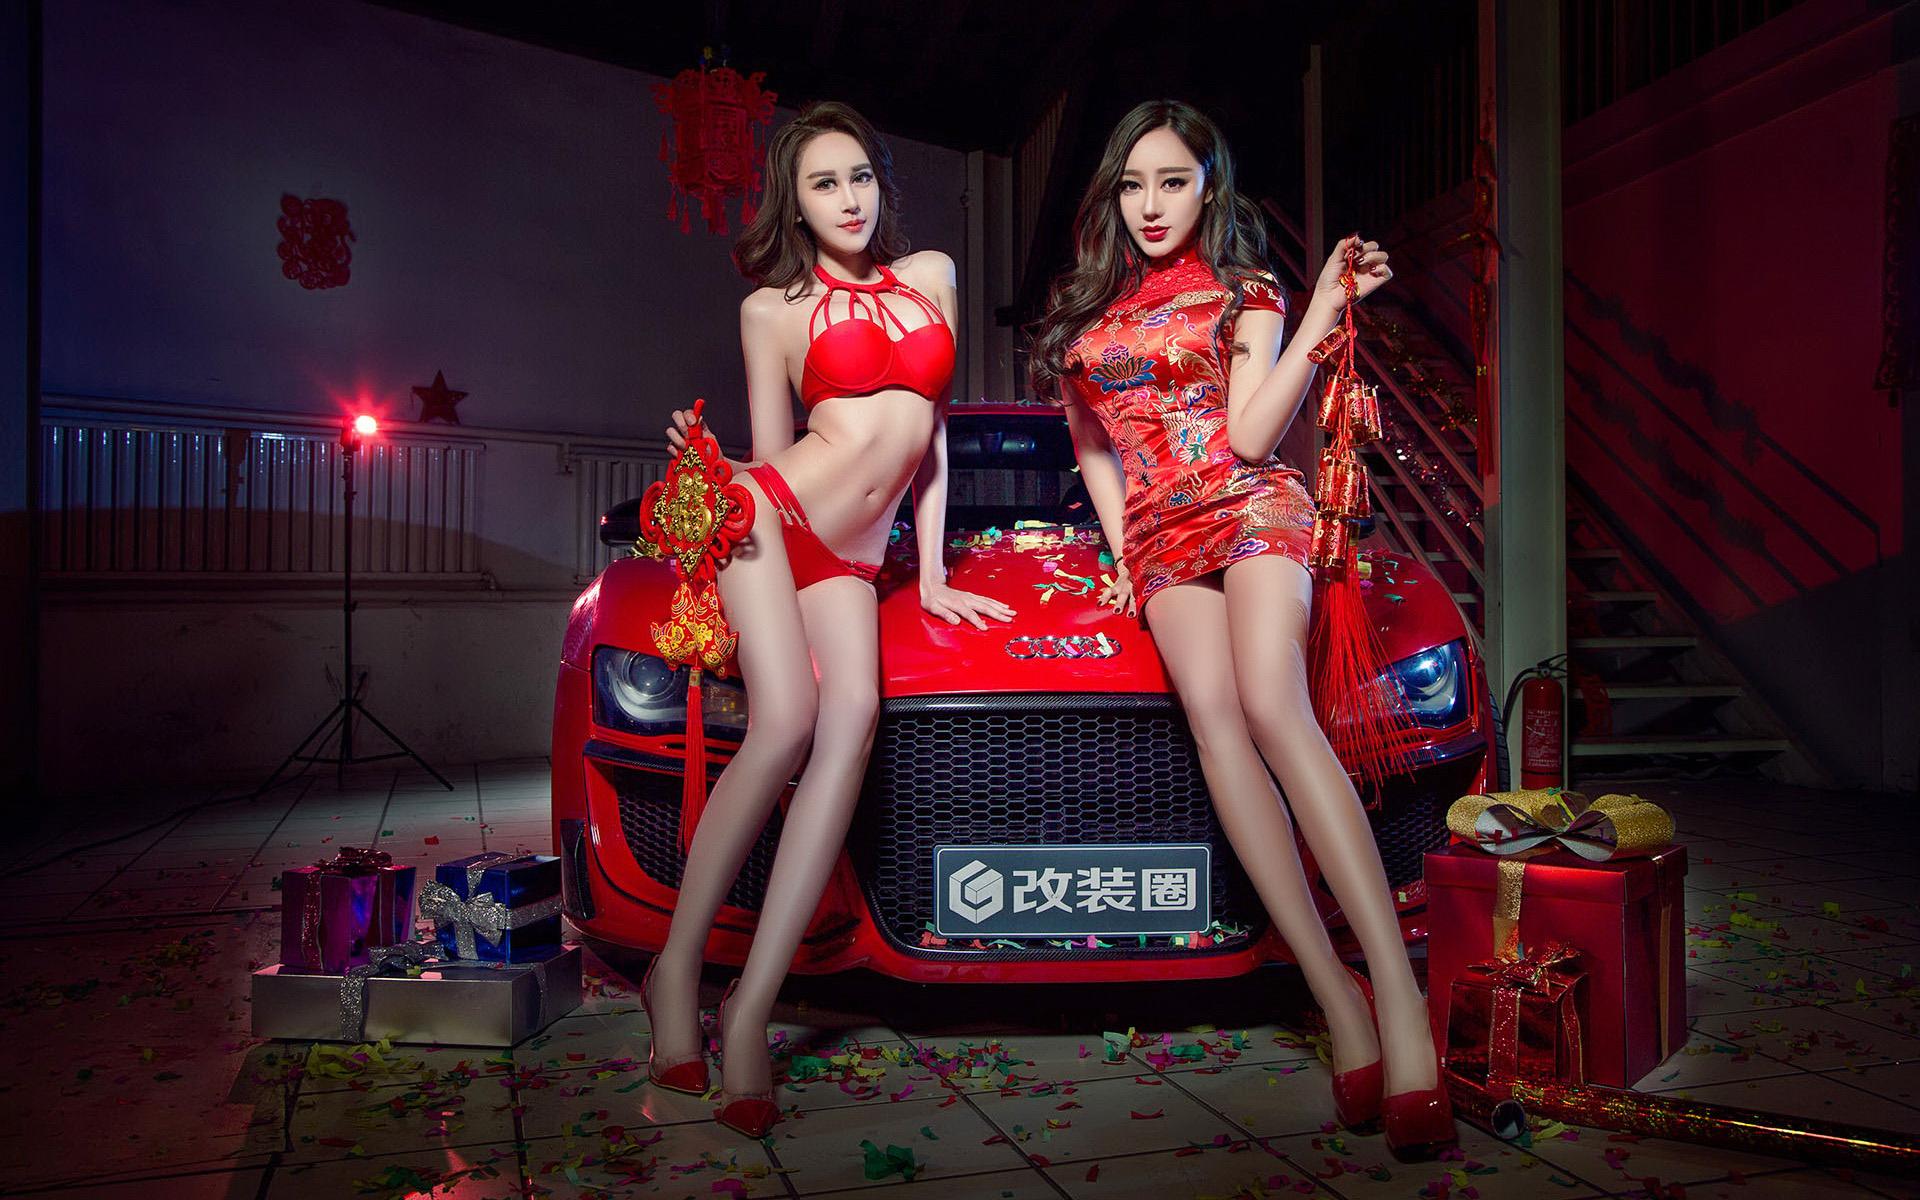 【壁纸长廊】——亚洲美女壁纸选(742)【9P】[分享]